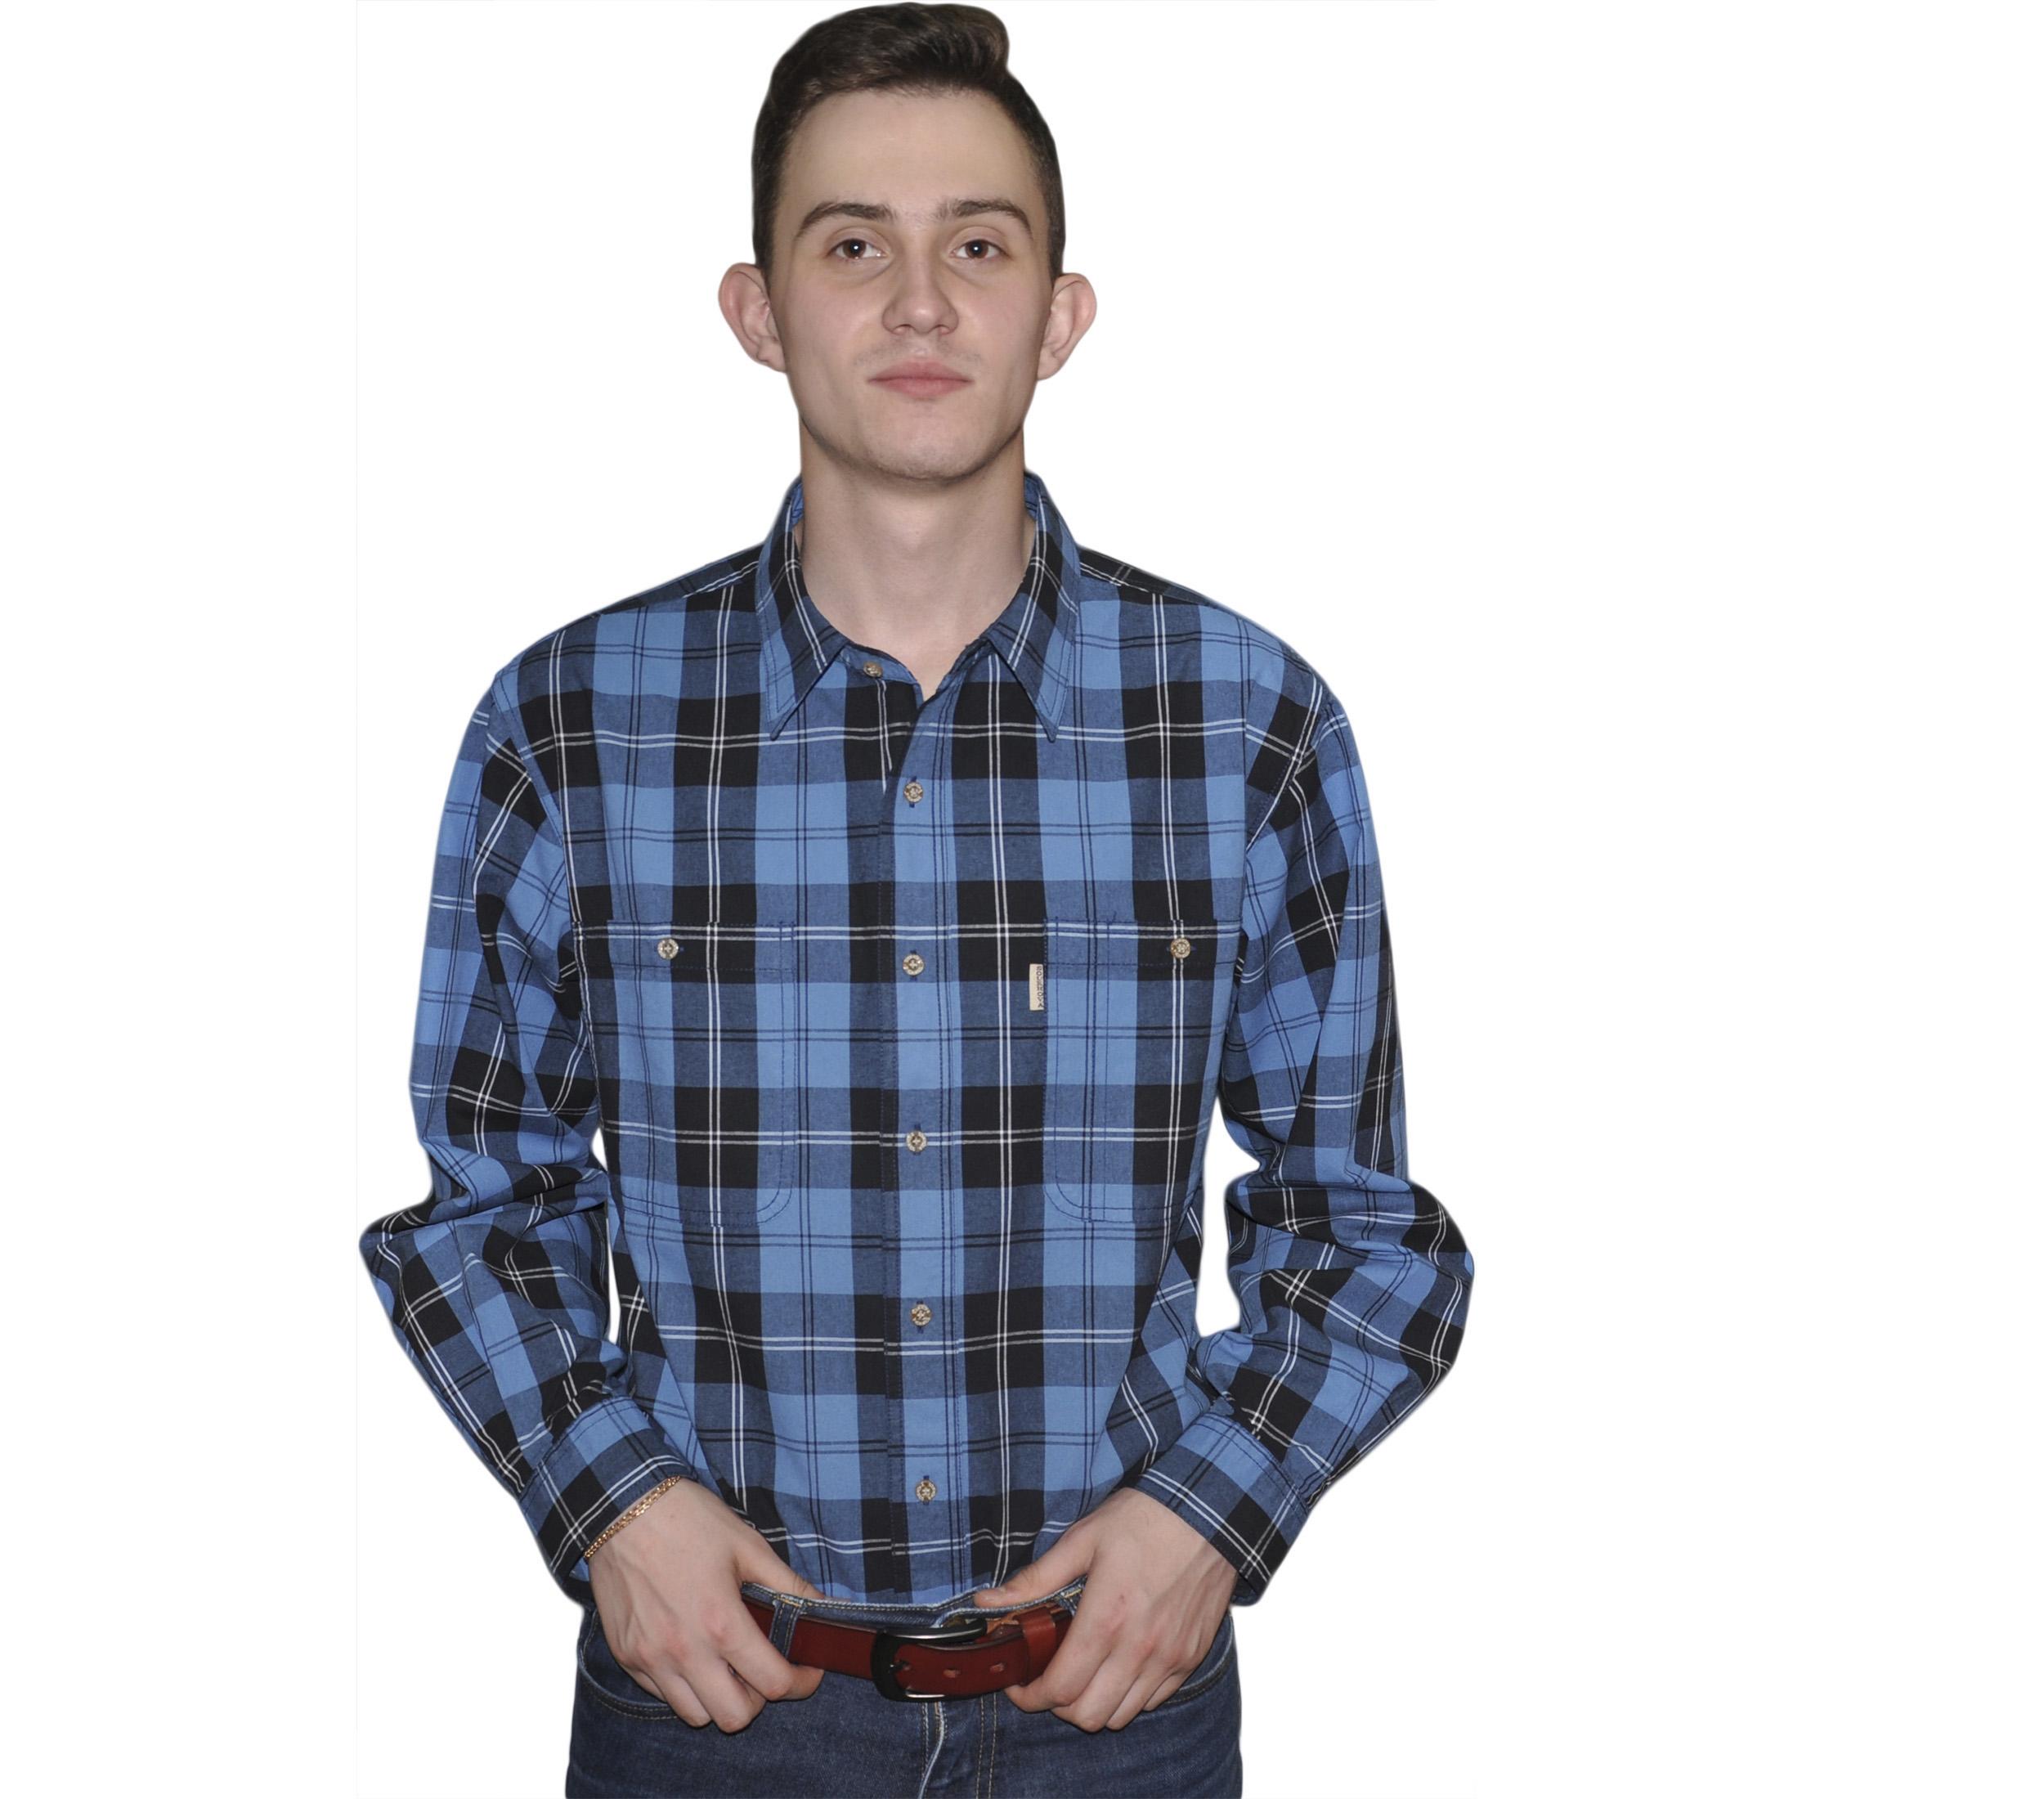 """Мужская рубашка крупная синяя клетка на черном фоне. Толщина материи № 16. размеры от 46 до 56. В этом цвете есть размер 60, но в разделе """"Большие Рубашки"""""""